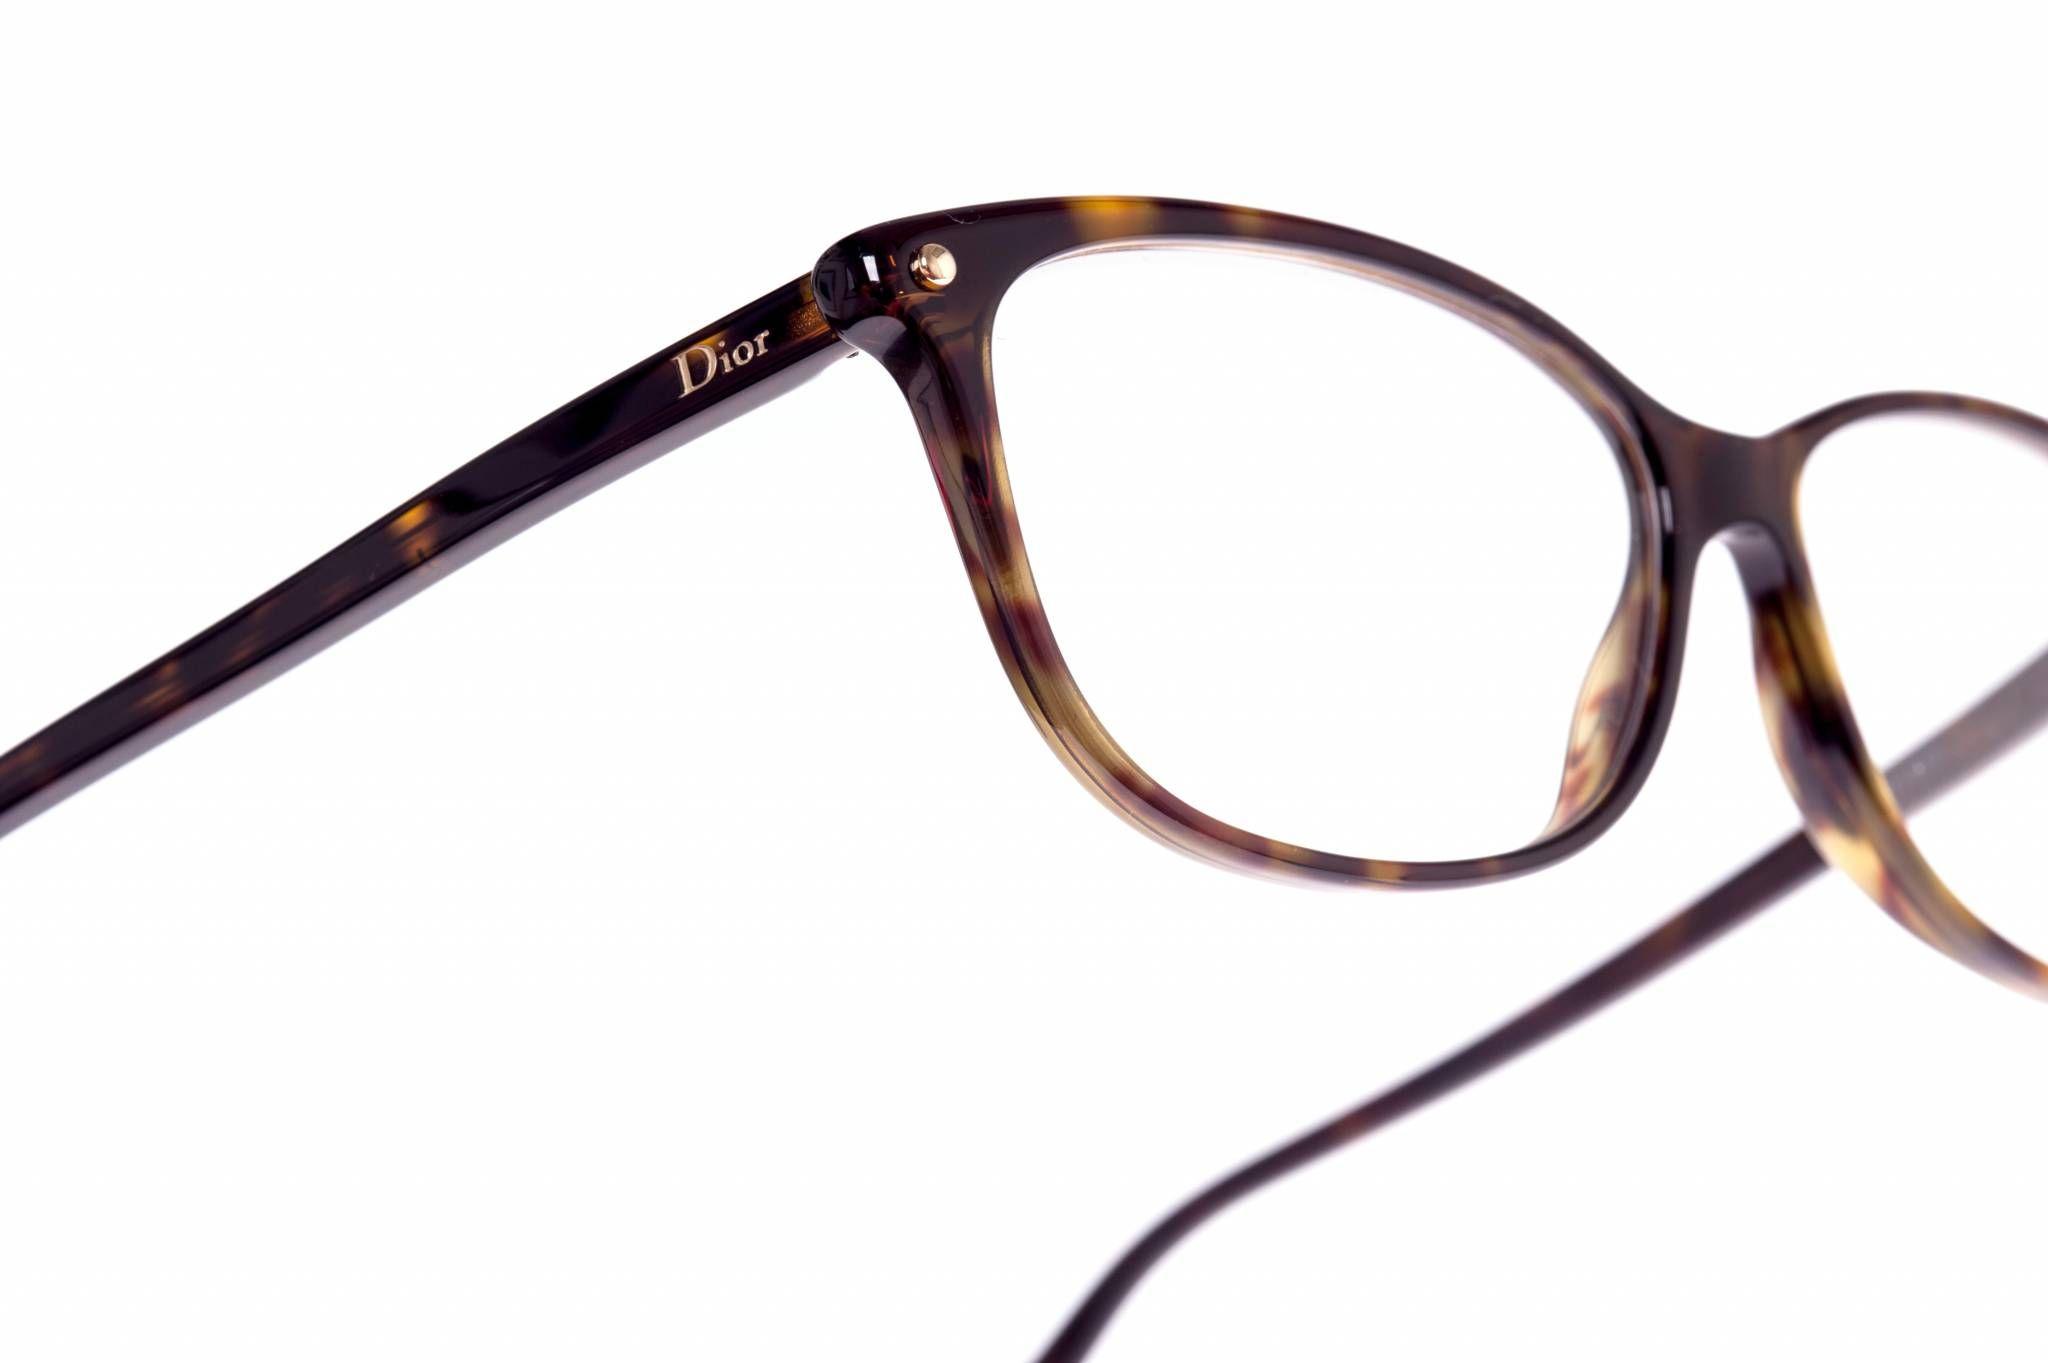 Dior Designerbrille CD3271 086 : Klein, aber oho   Dior